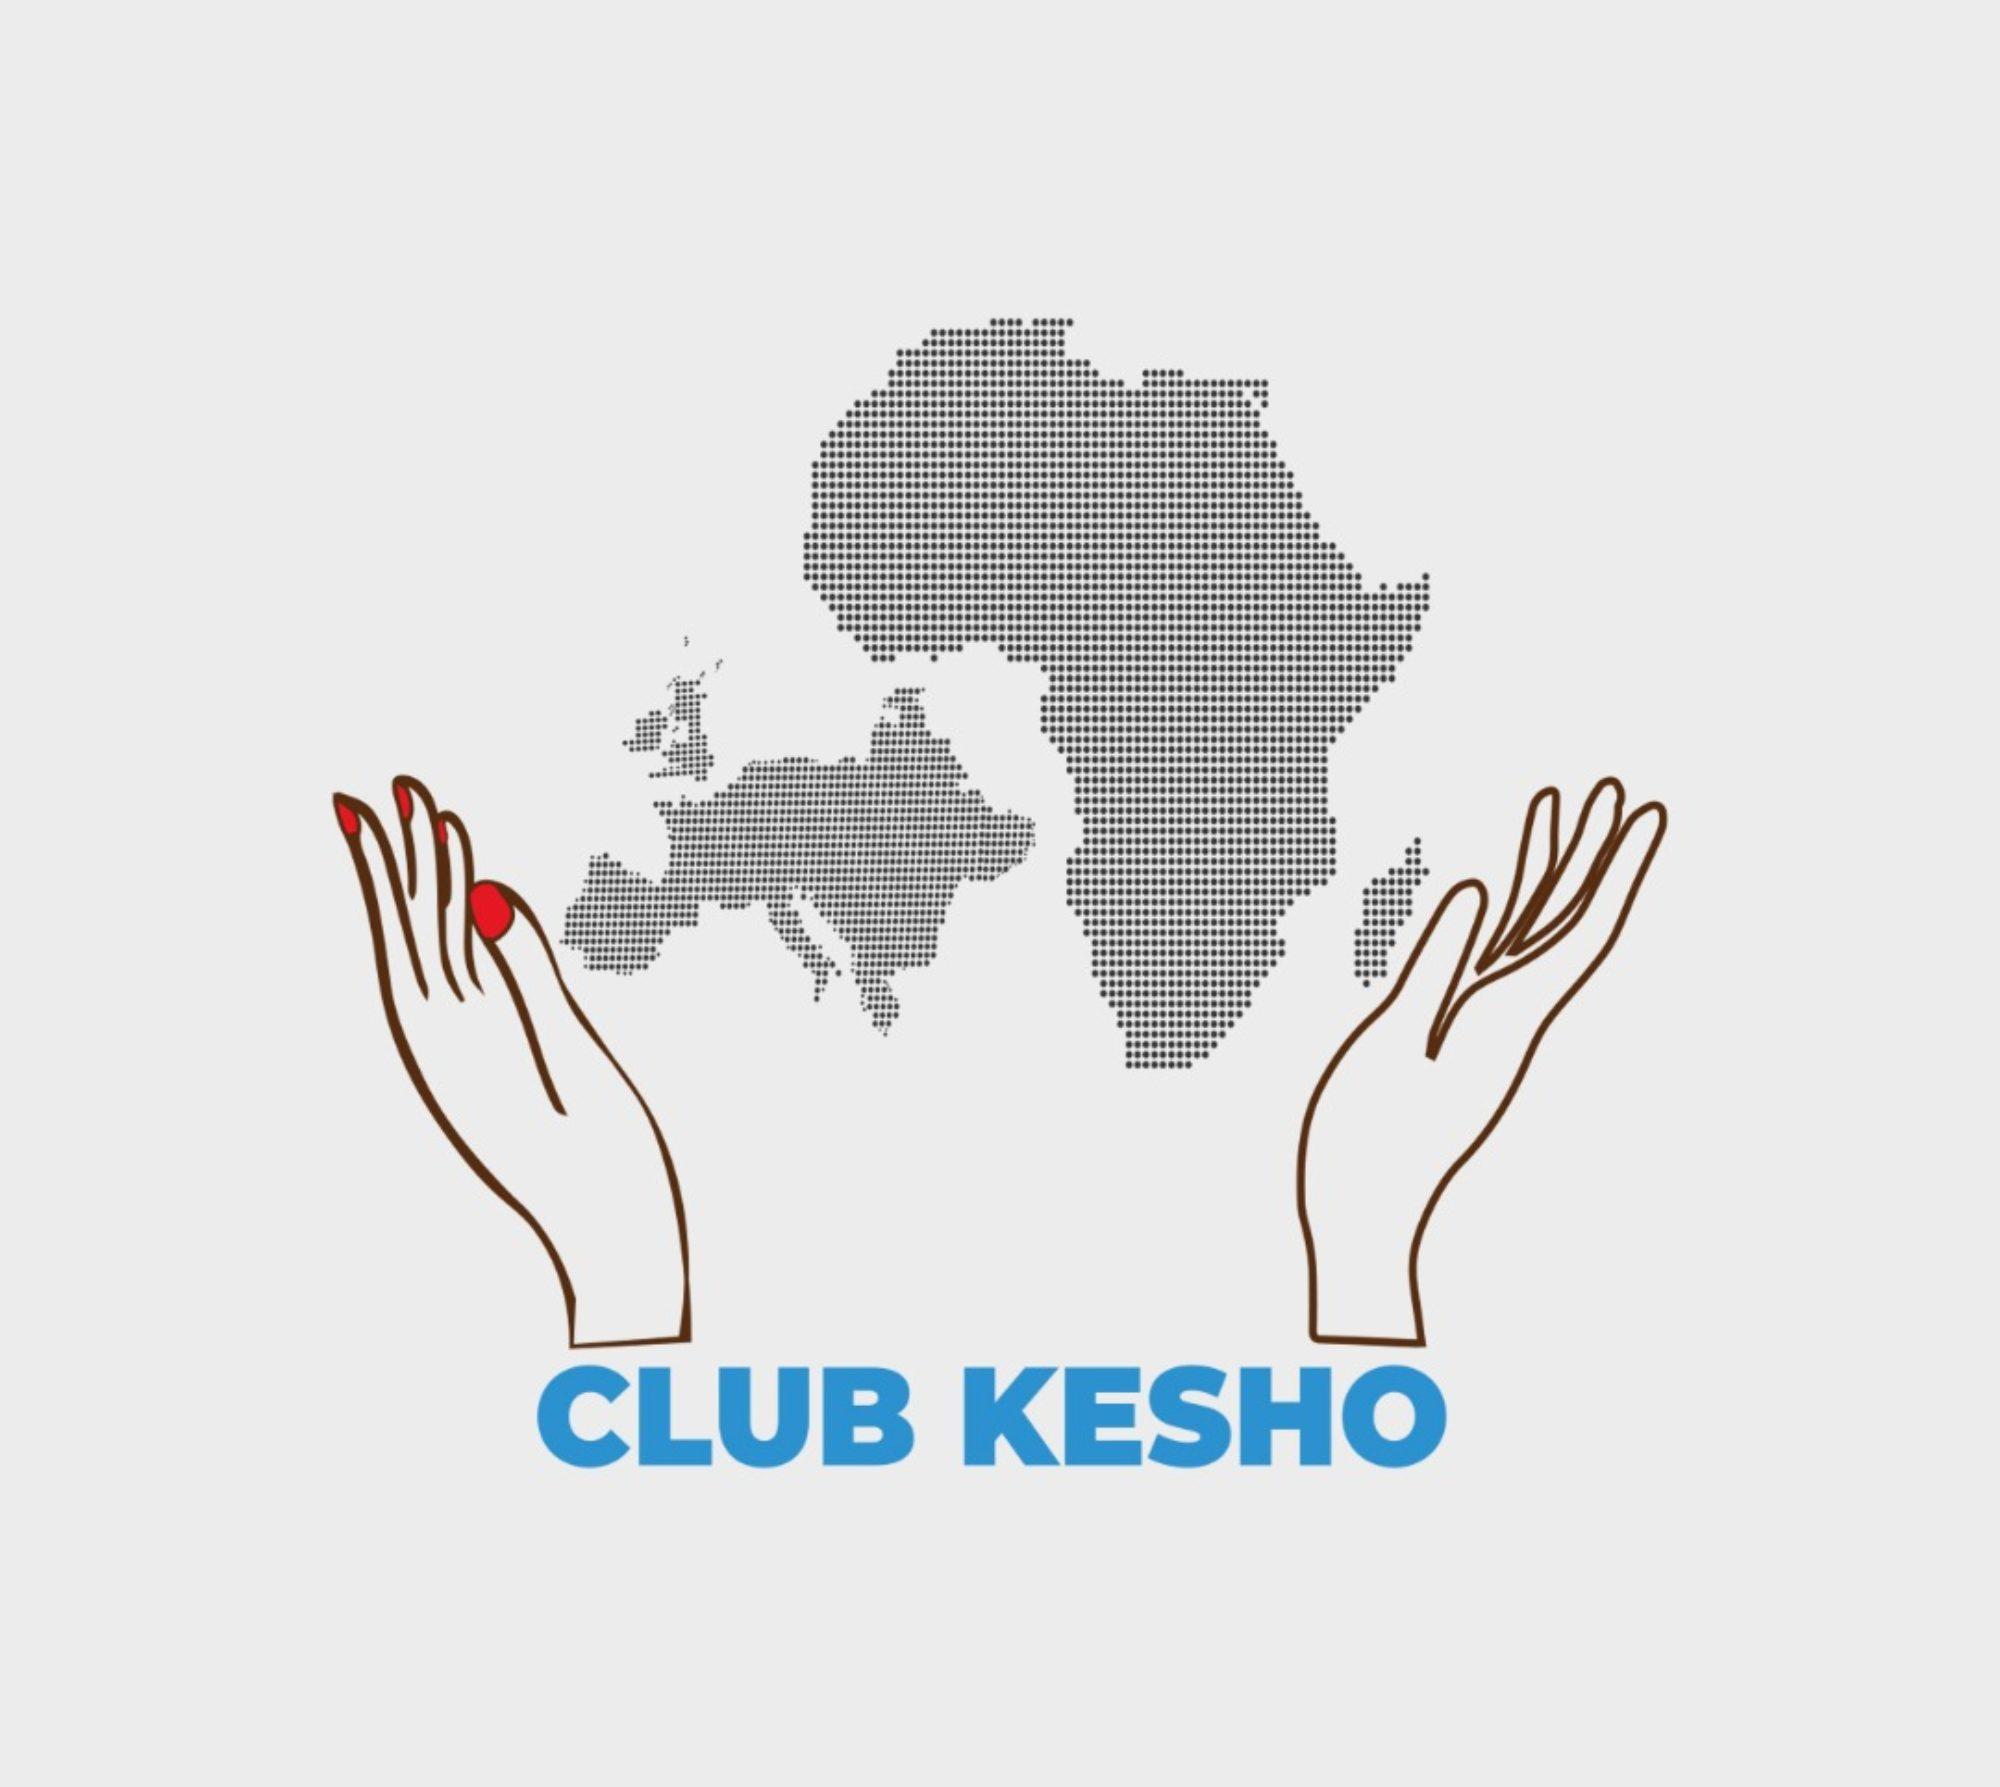 Club KESHO